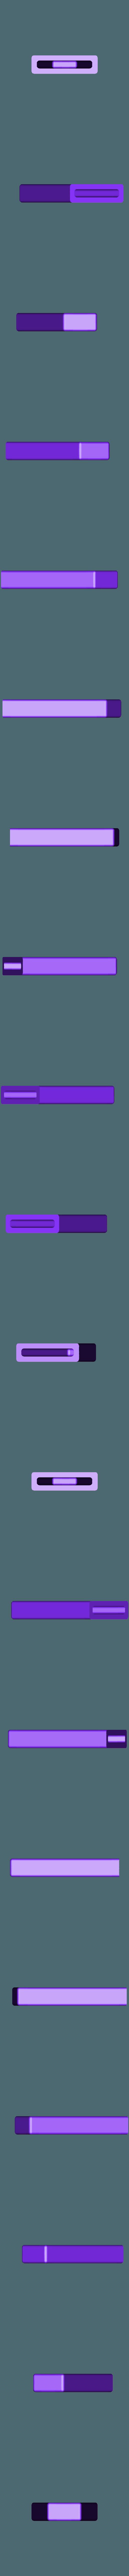 props_guard.stl Télécharger fichier STL gratuit Protecteur d'accessoires • Objet pour impression 3D, touchthebitum